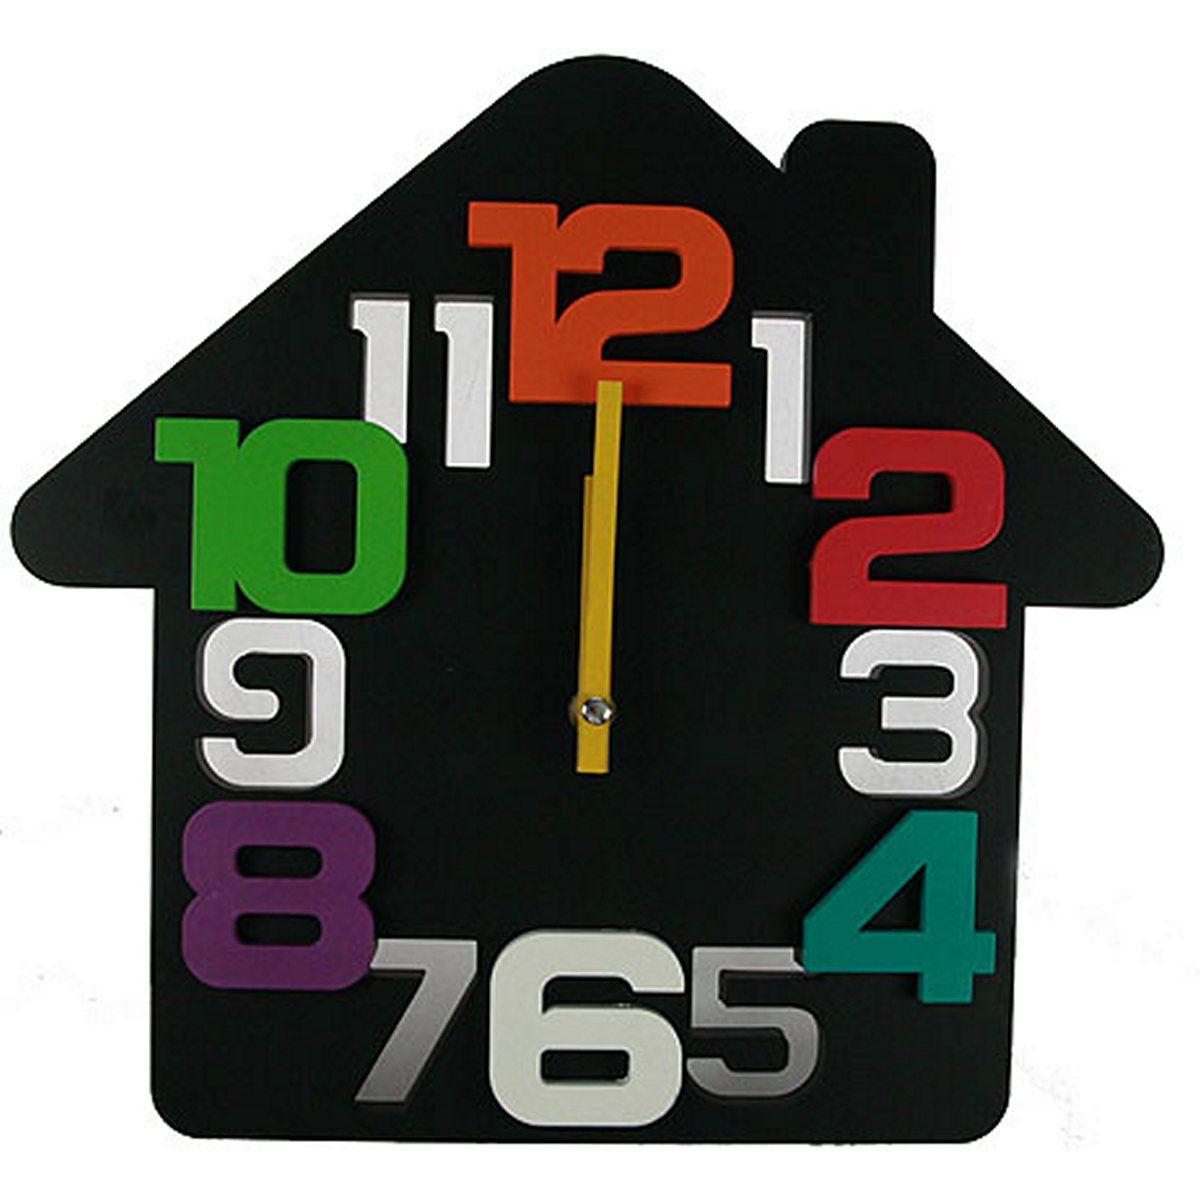 Часы настенные Русские Подарки Домик. 22241894672Настенные кварцевые часы Русские Подарки Домик изготовлены из пластика. Корпус оригинально оформлен в виде домика. Часы имеют две стрелки - часовую и минутную. С обратной стороны имеетсяпетелька для подвешивания на стену. Такие часы красиво и необычно оформят интерьер дома или офиса. Также часы могут стать уникальным, полезным подарком для родственников, коллег, знакомых и близких.Часы работают от батареек типа АА (в комплект не входят).